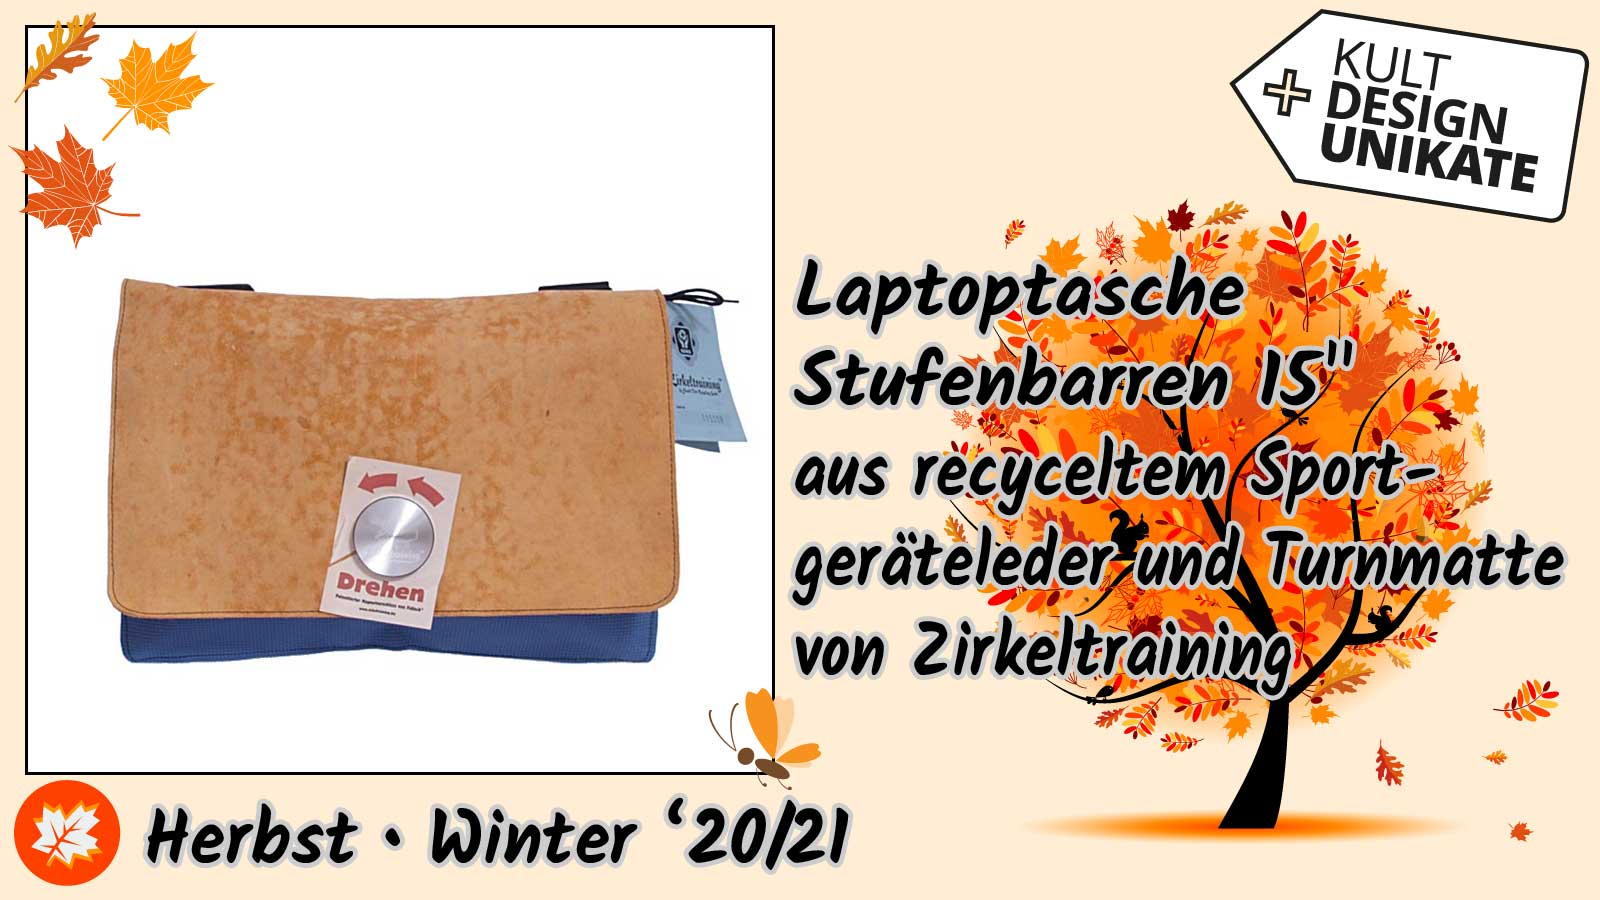 Zirkeltraining-Laptoptasche-Stufenbarren-15